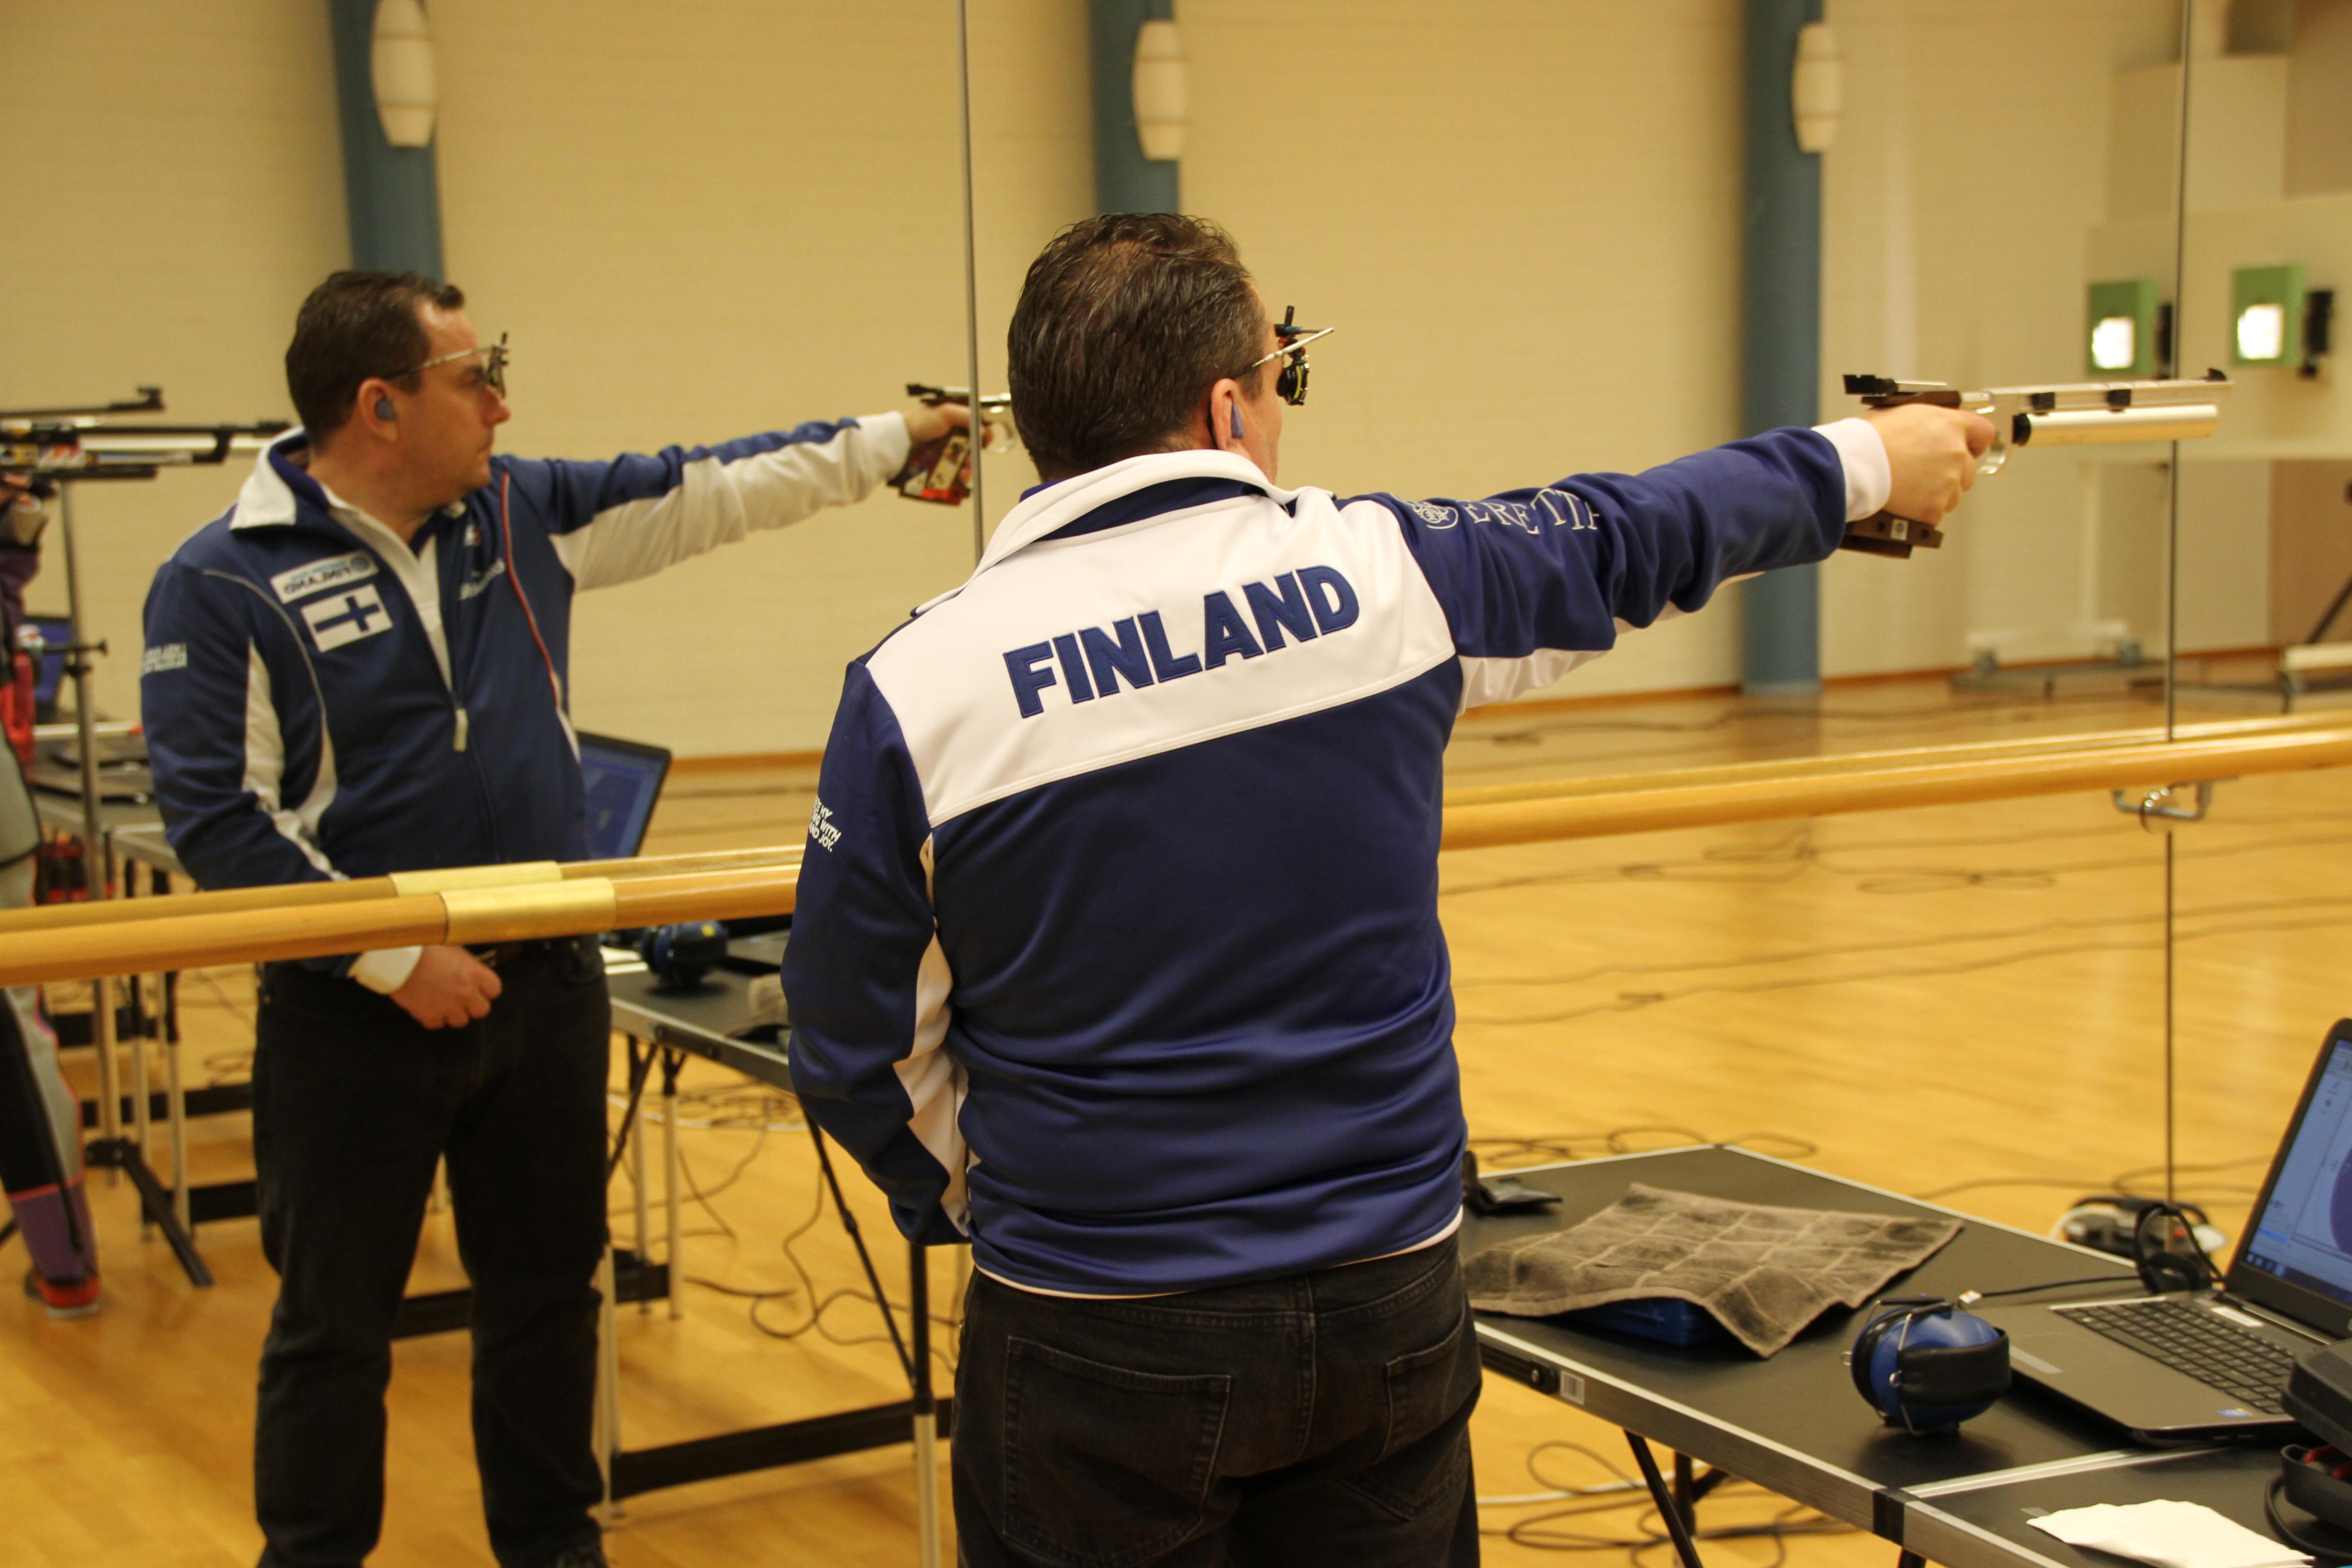 Kai Jahnssonin nimissä on miesten ilmapistoolin Suomen ennätys 588. Kuva: Lassi Palo